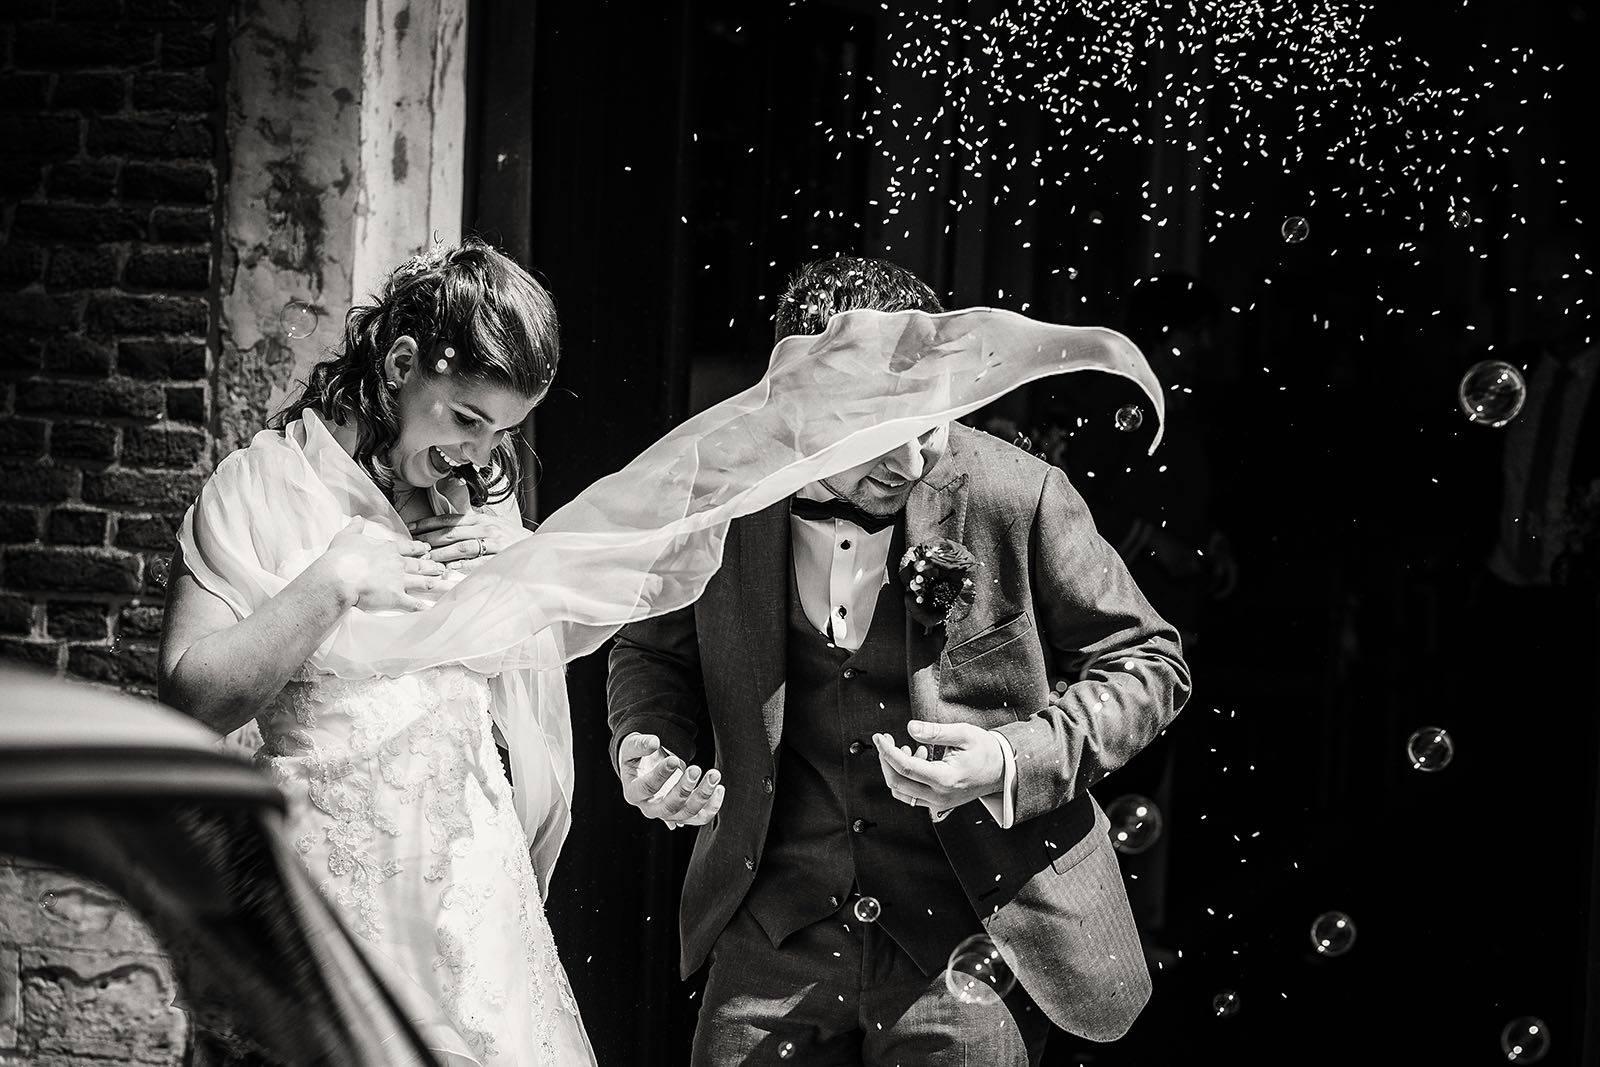 Wondermooi - Trouwfotograaf - Huwelijksfotograaf - Fotograaf - House of Weddings - 6